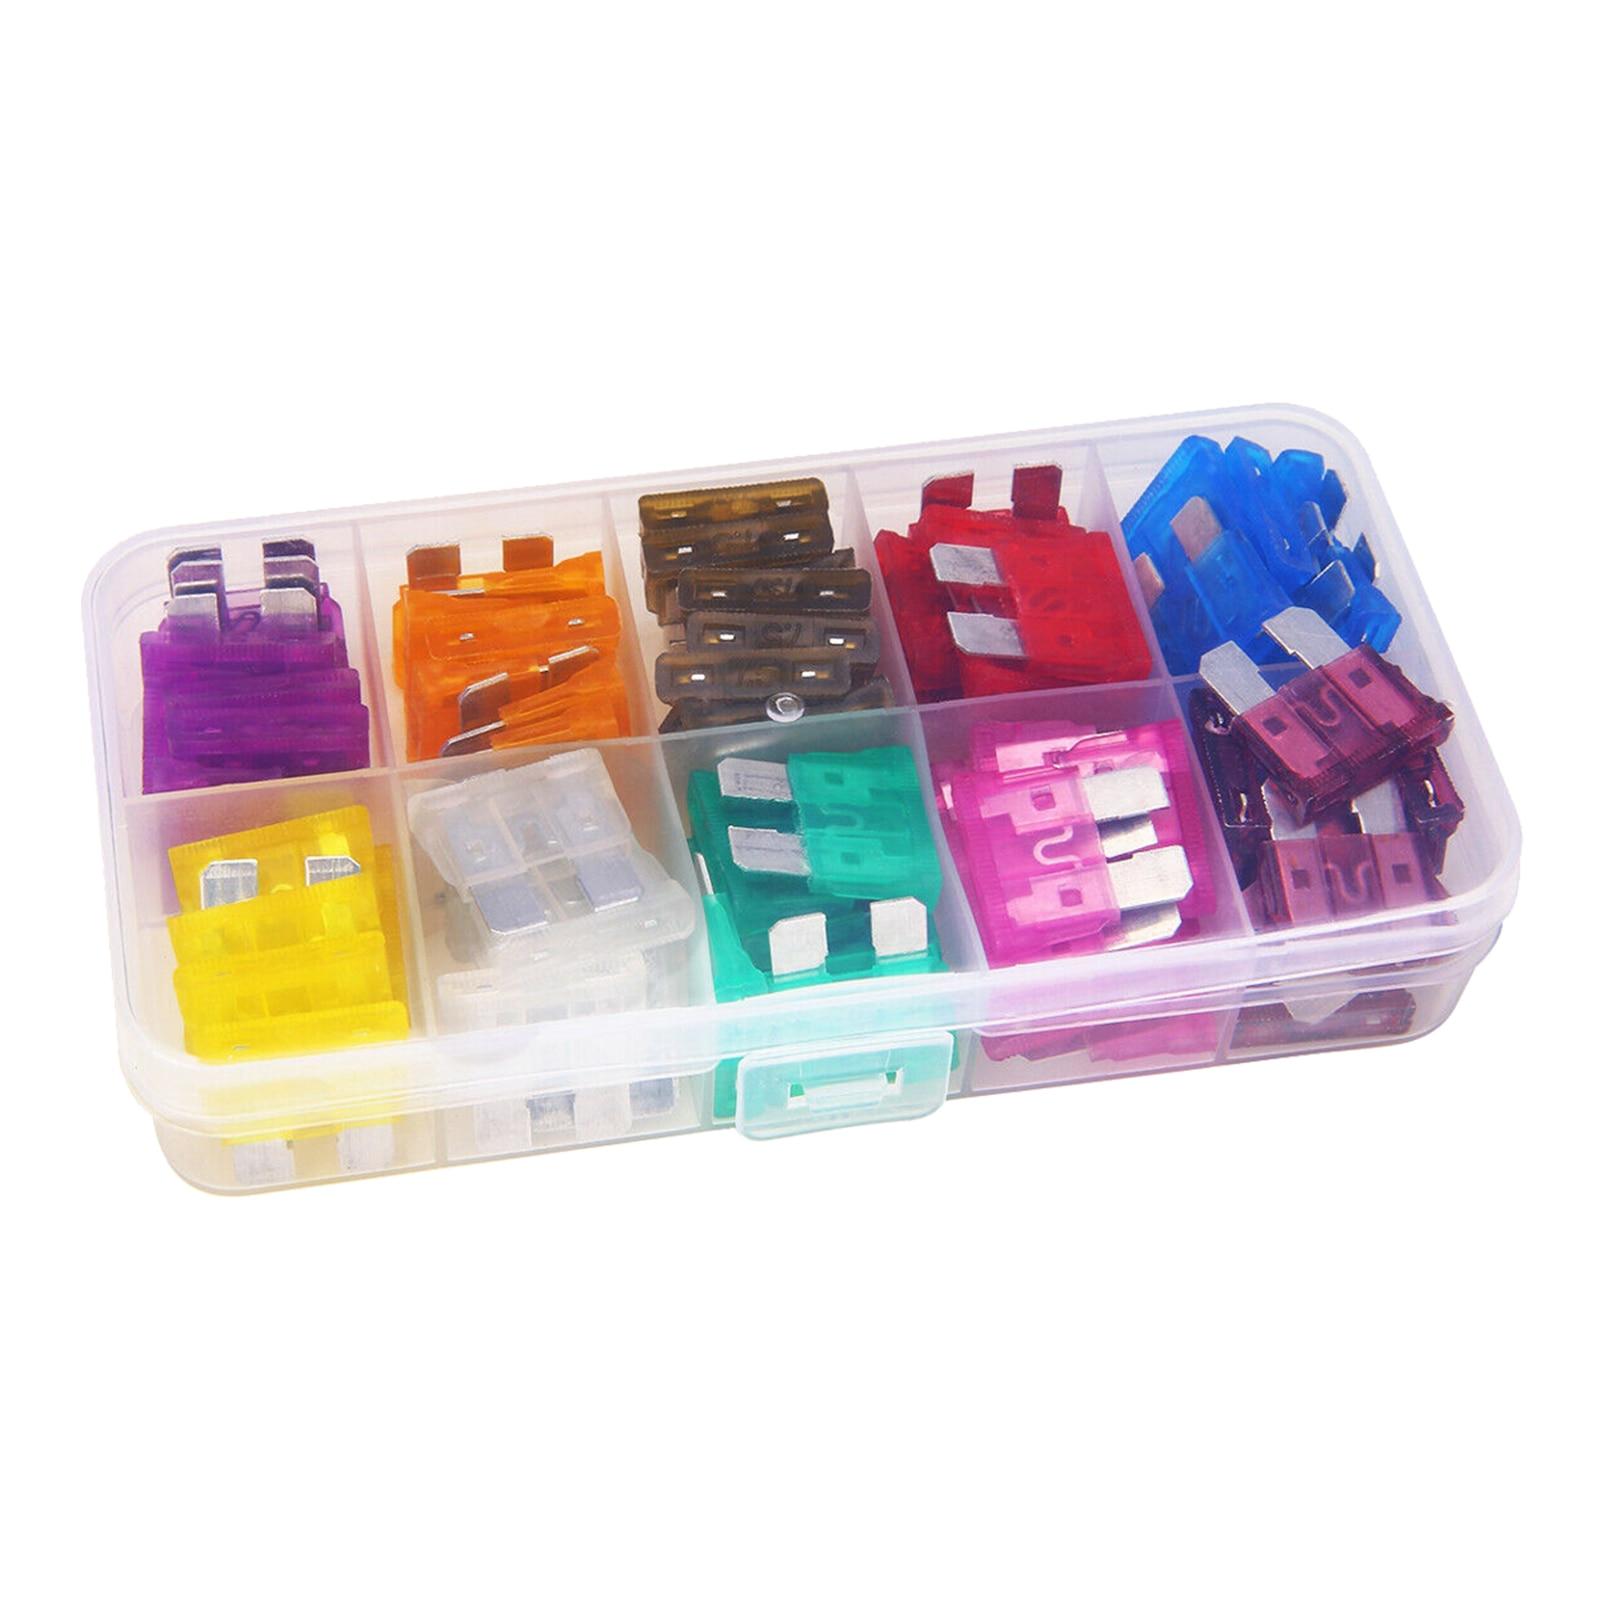 80PCS Fuse Car Kit Assorted Auto Car Truck Standard Blade Fuse Assortment 3A 5A 7.5A 10A 15A 20A 25A